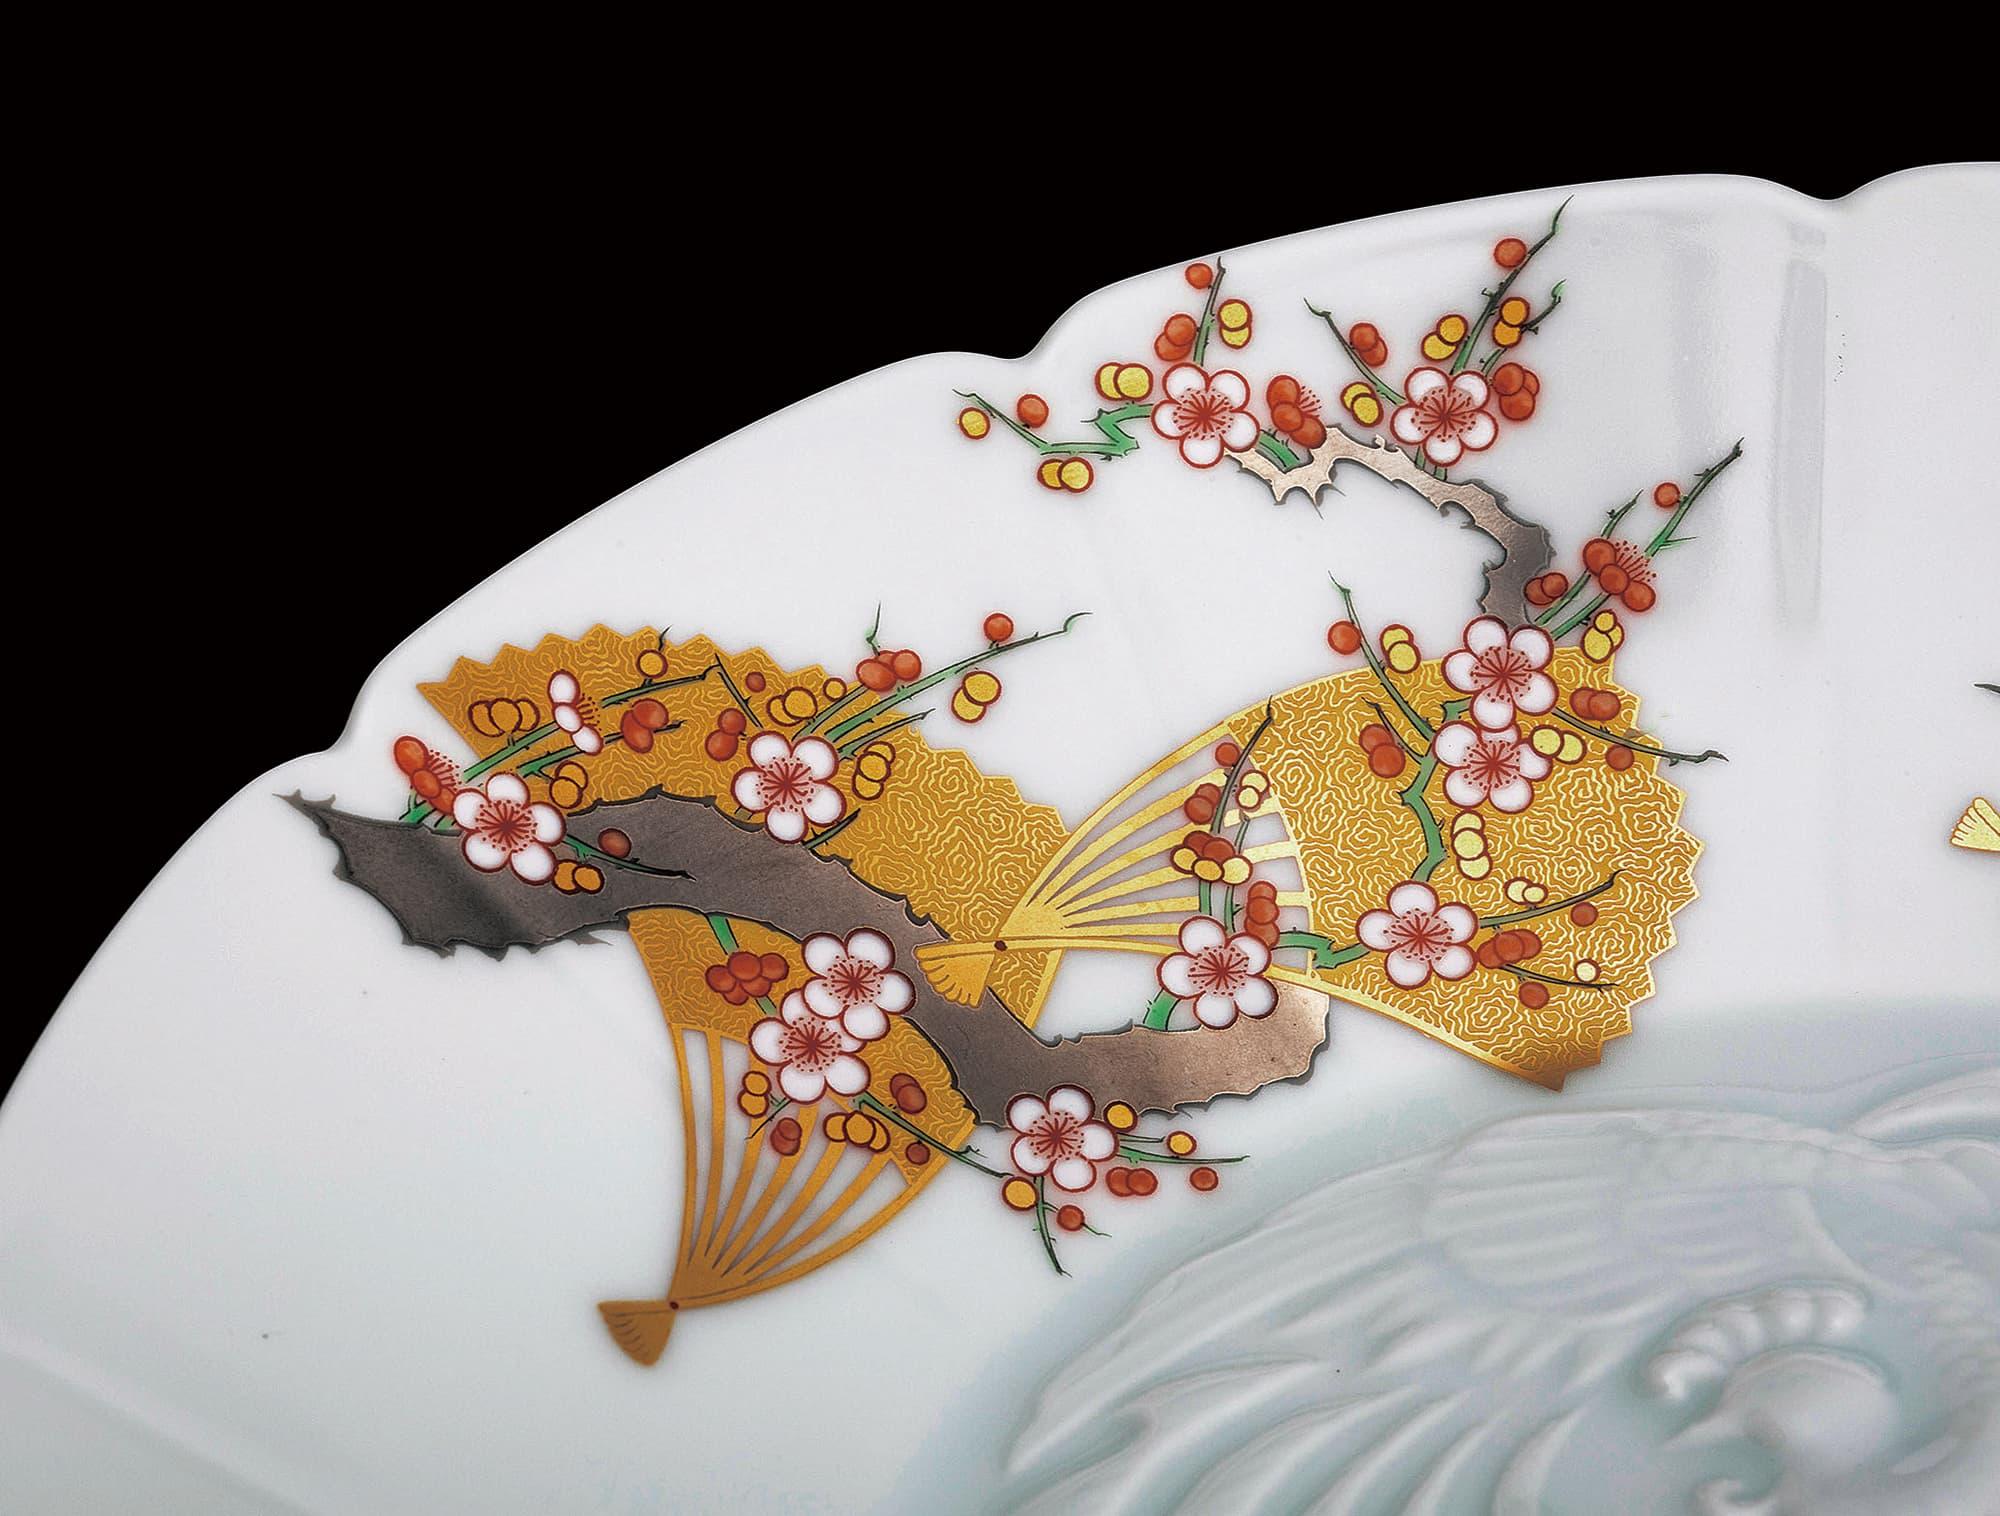 金彩折扇与红梅白梅、嫩绿枝桠绝妙地搭配在一起。铂金树枝低调的光芒象征了日本的审美观。